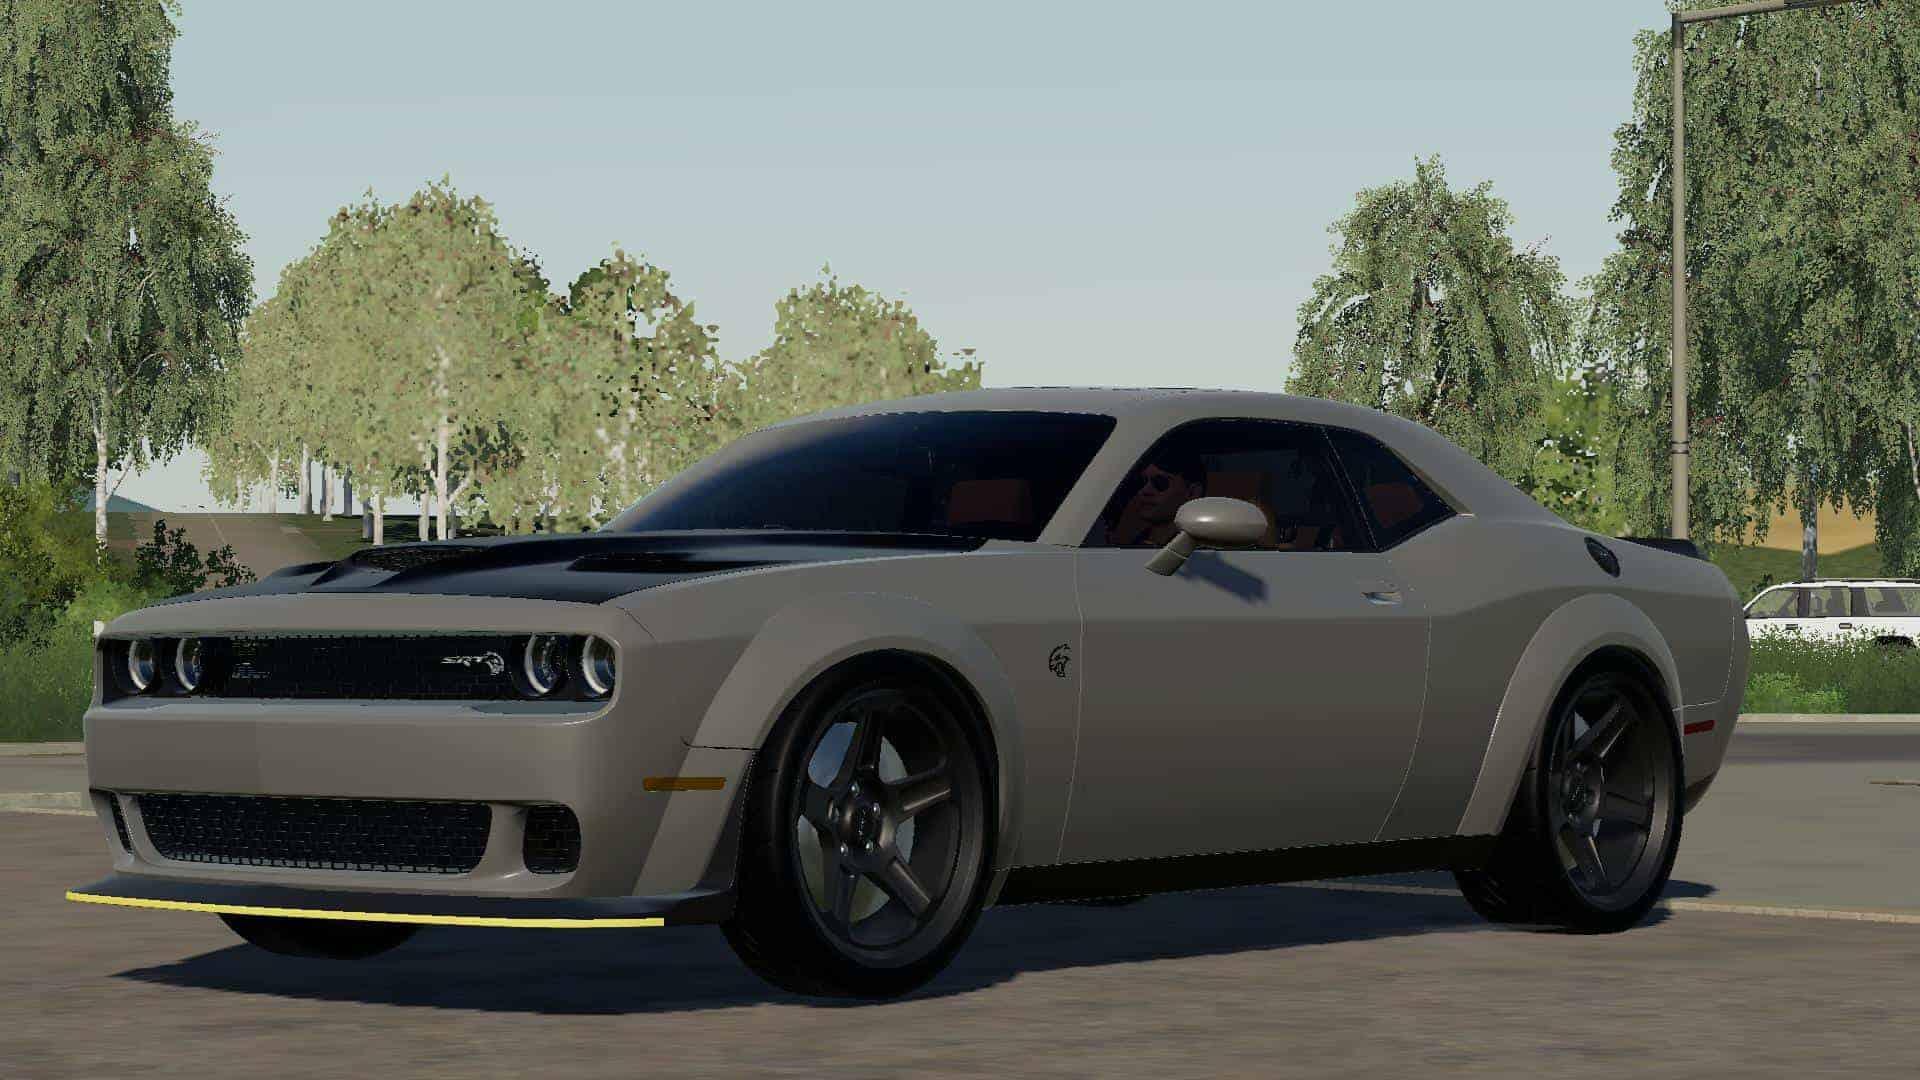 2020 Dodge Challenger Widebody V3 0 Mod Farming Simulator 19 Mod Fs19